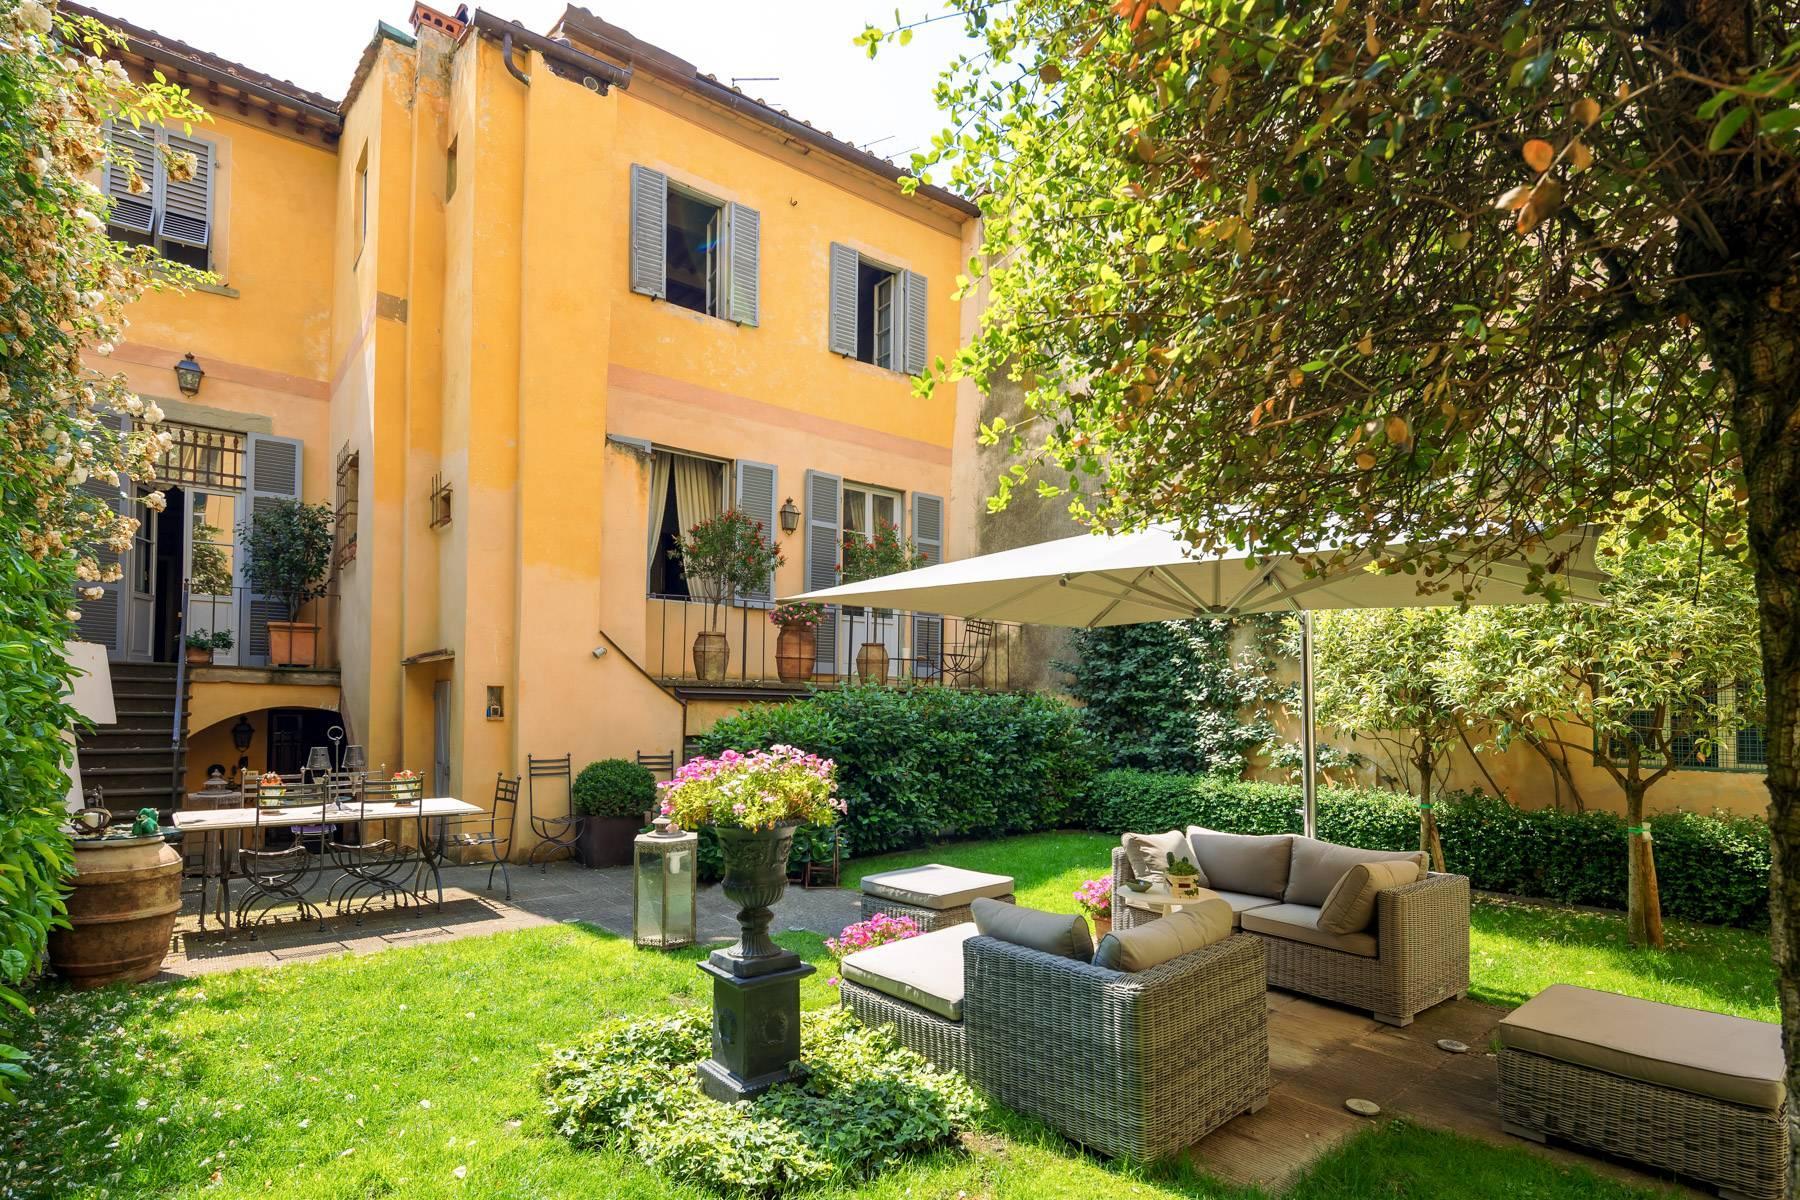 Lussuoso appartamento con giardino - 8